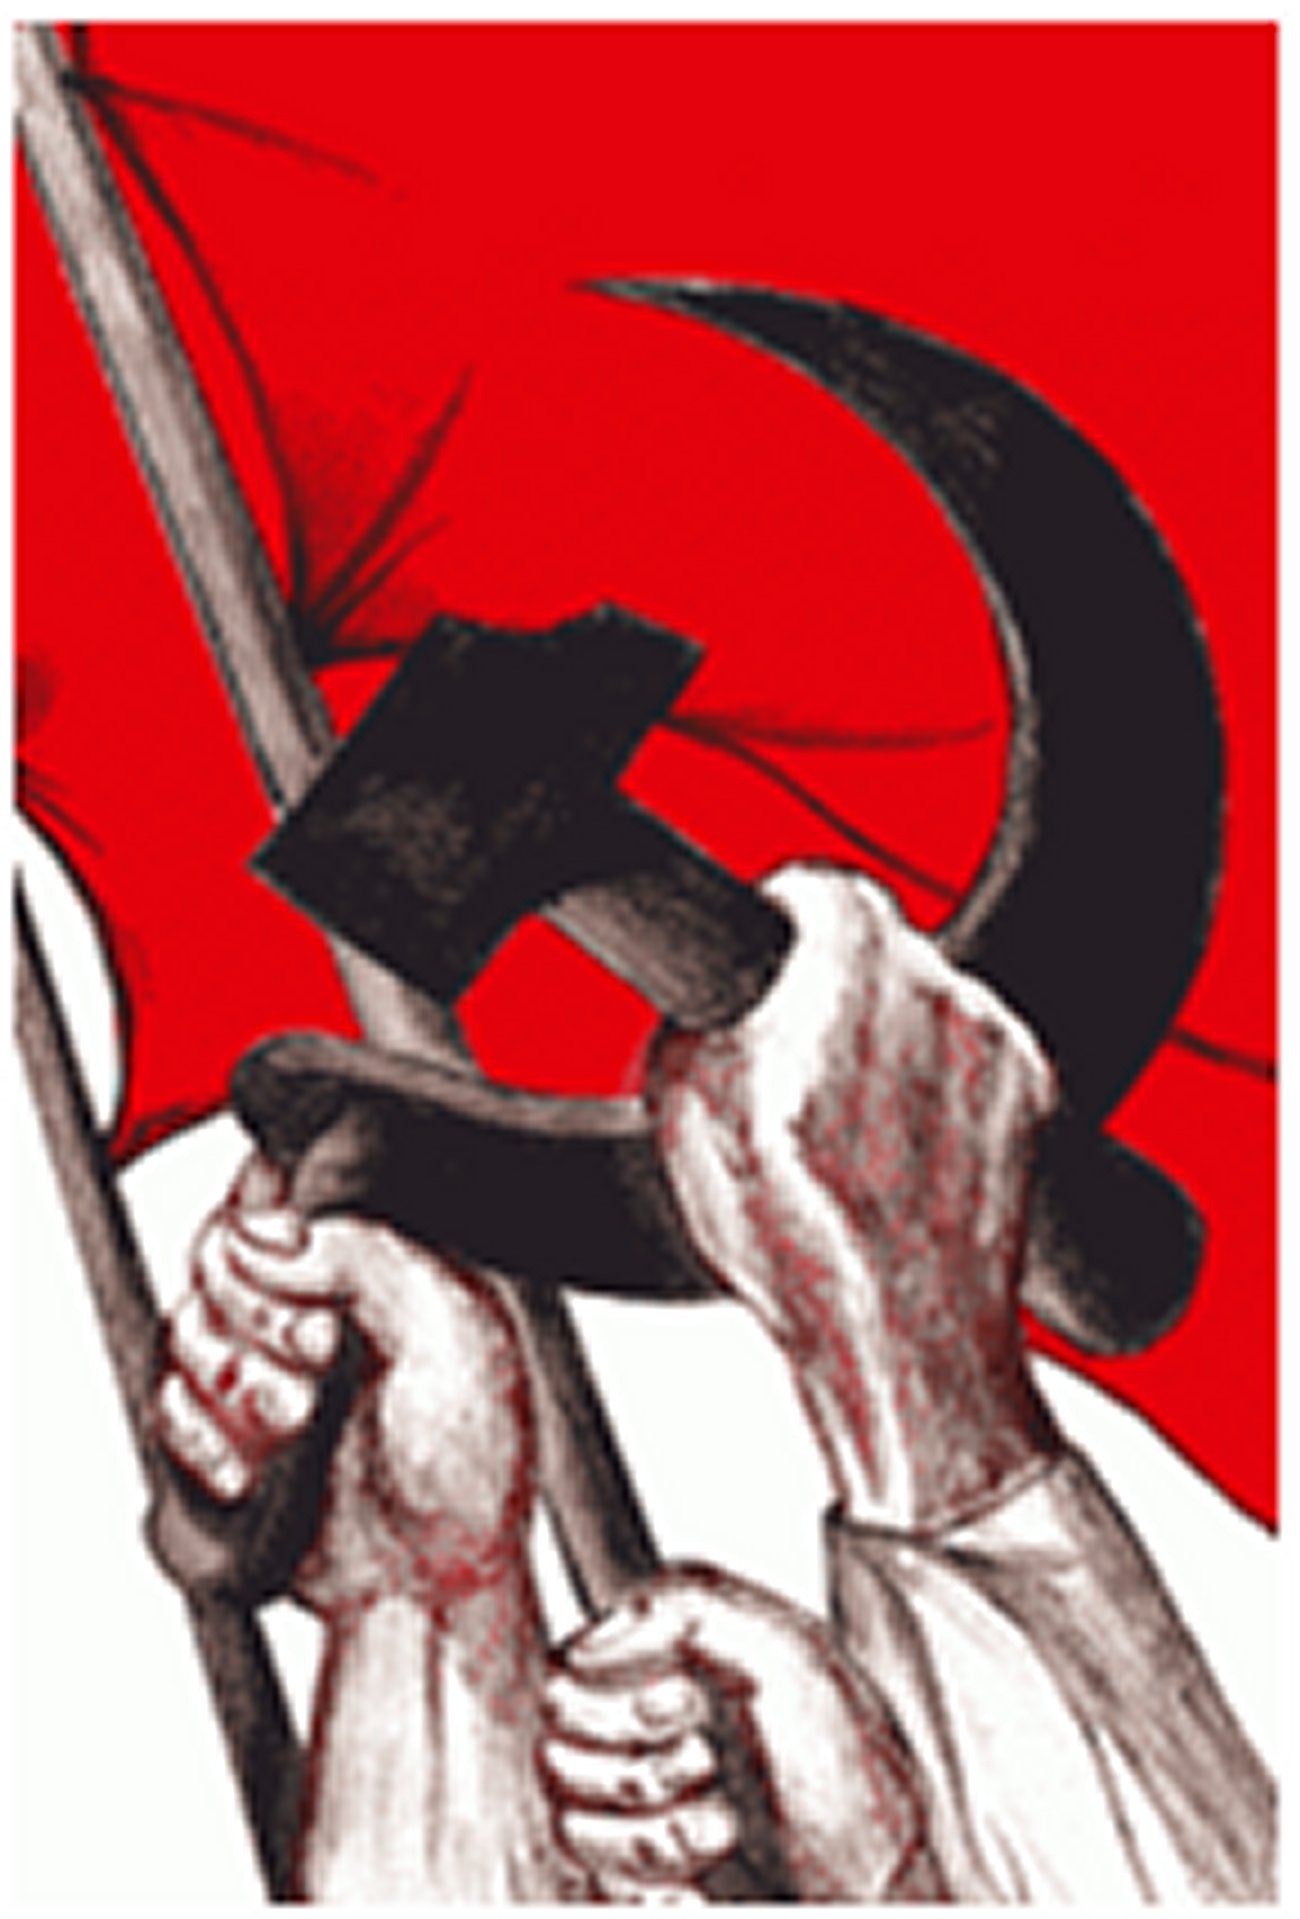 La sinistra italiana tra lotte interne e scissioni